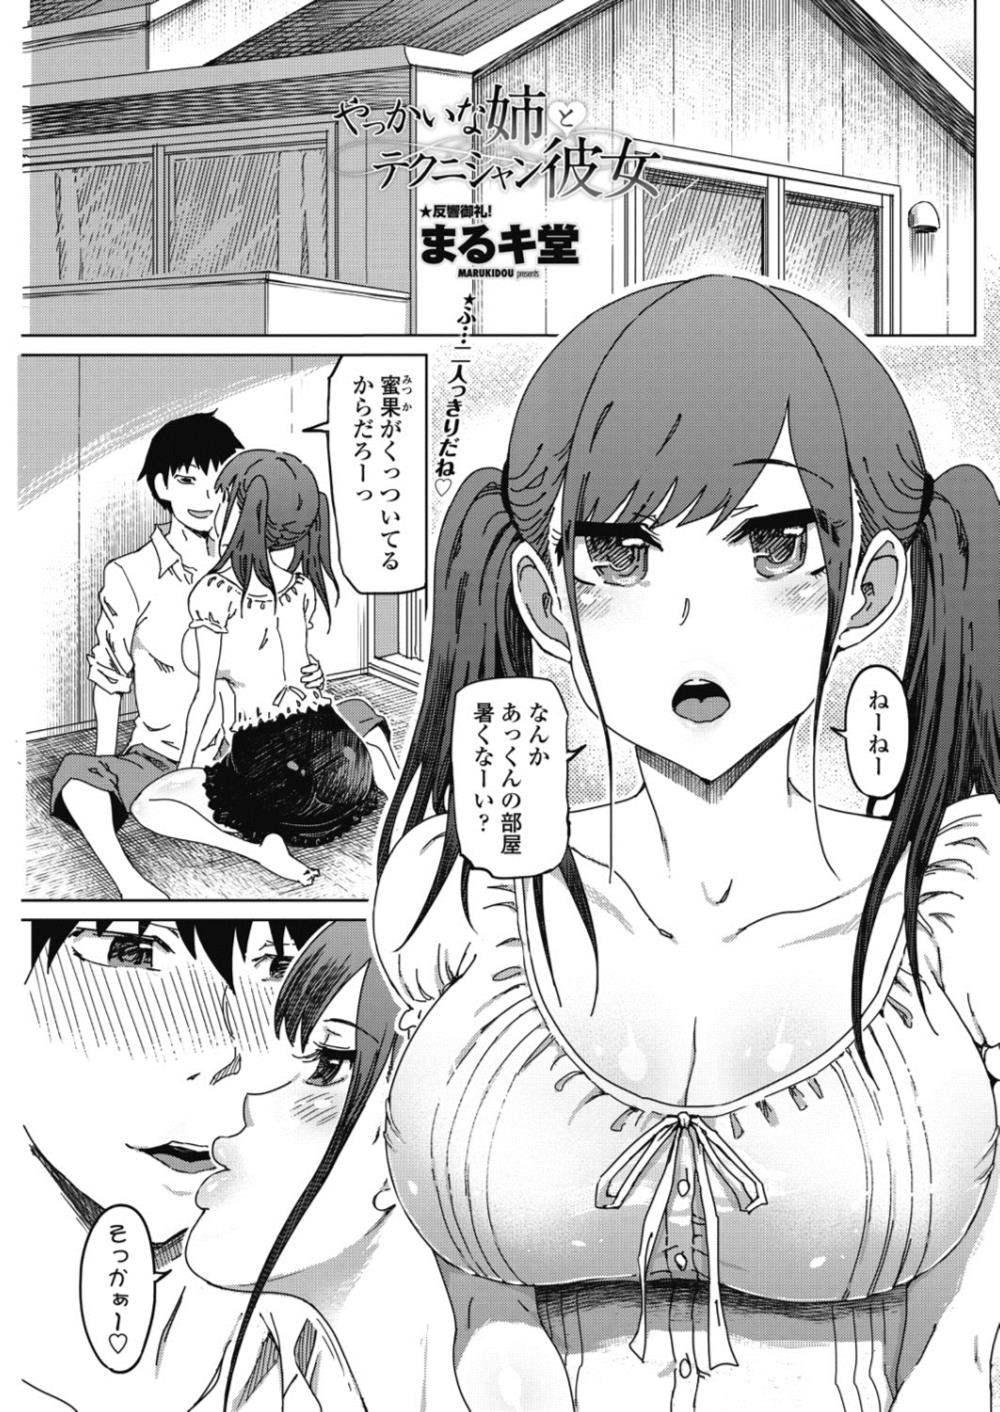 【エロ漫画】ブラコンの姉が彼女に嫉妬…二人に囲まれて3p乱交精液搾取される彼氏ww【まるキ堂:やっかいな姉とテクニシャン彼女】